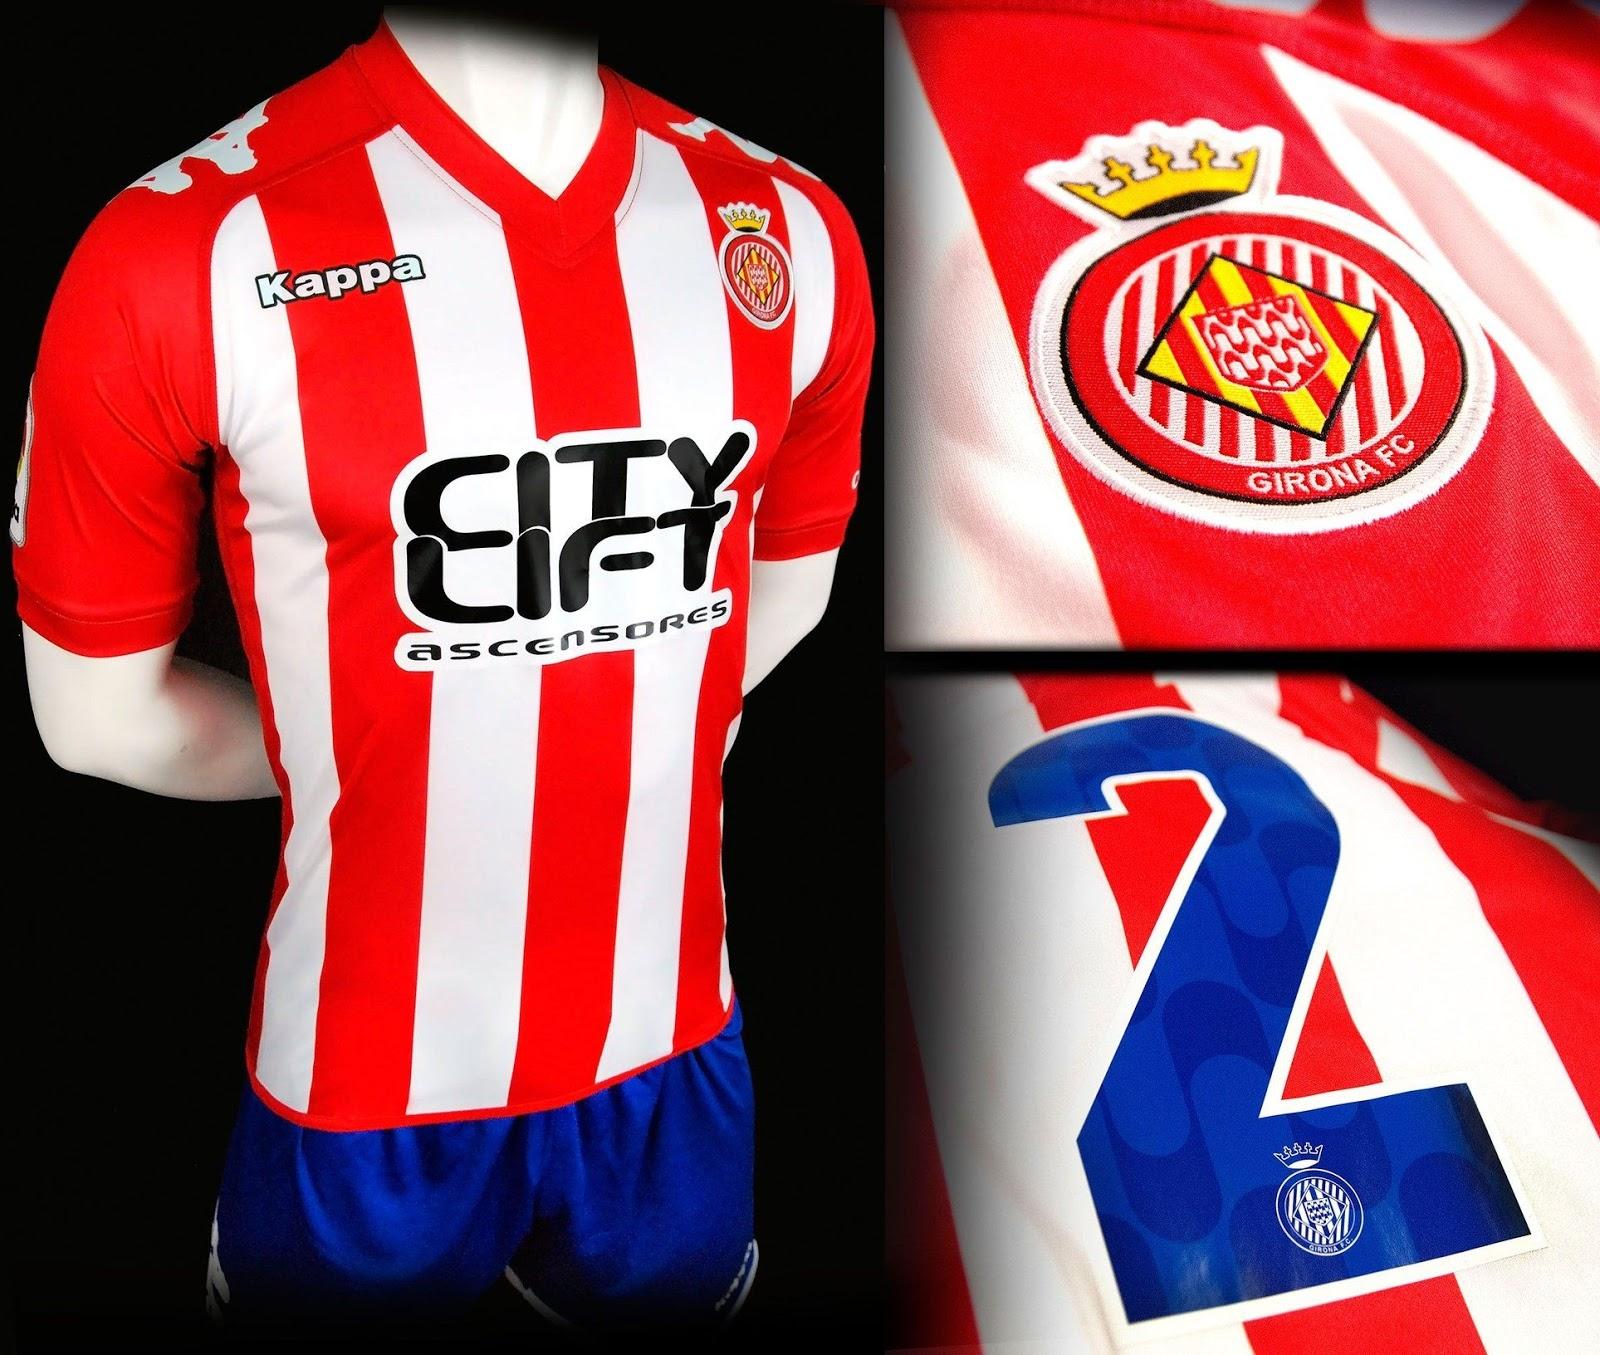 A Kappa apresentou os uniformes que o Girona Futbol Club usará na temporada  2016 17 da Segunda Divisão do Campeonato Espanhol de futebol. a7927ed9d76a5